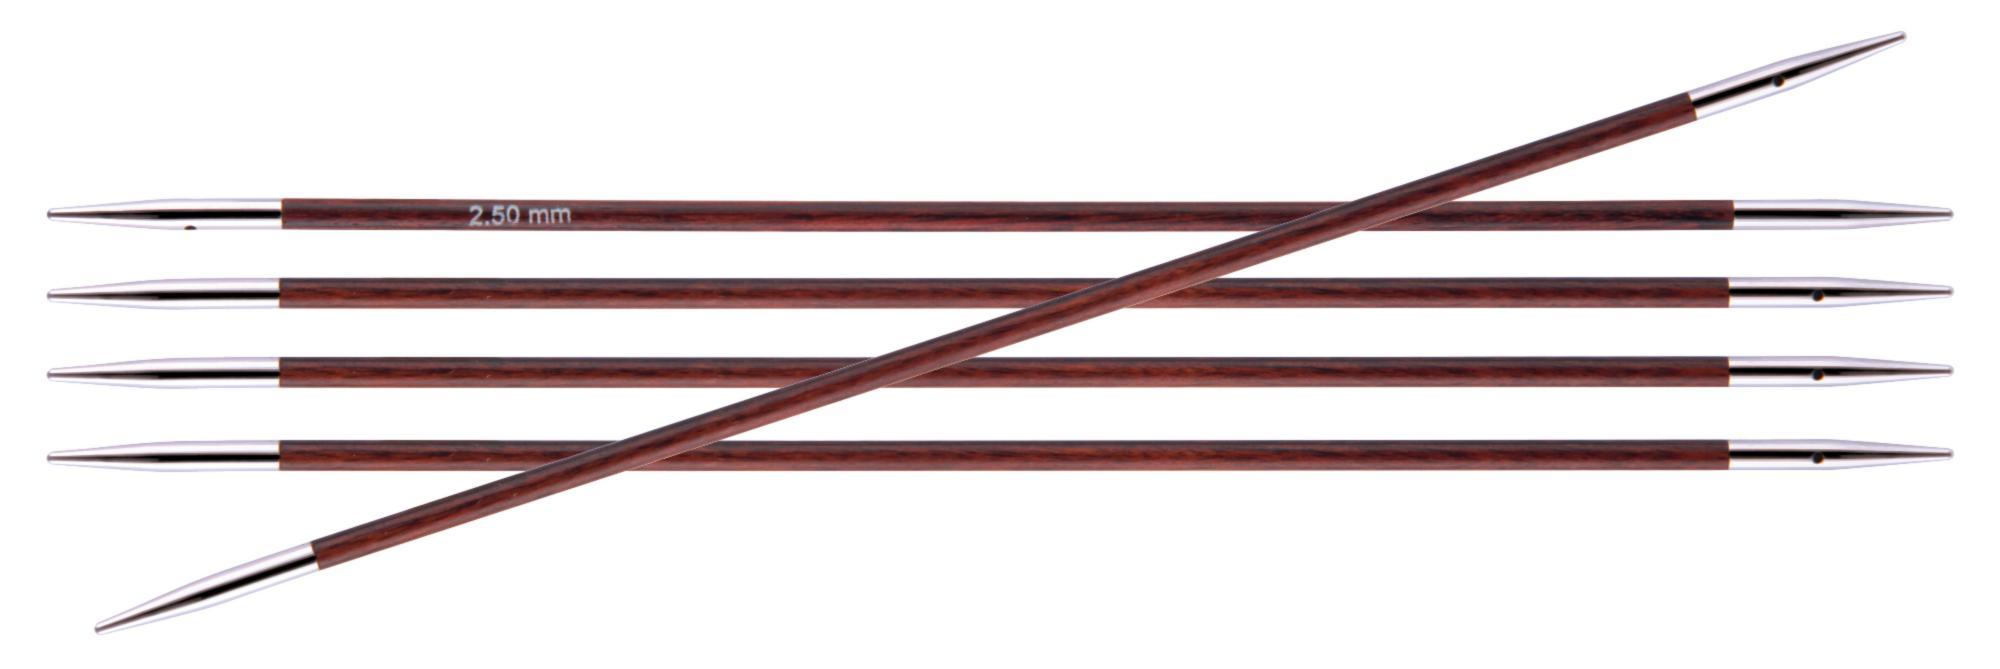 Спицы носочные 15 см Royale KnitPro, 29003, 2.50 мм